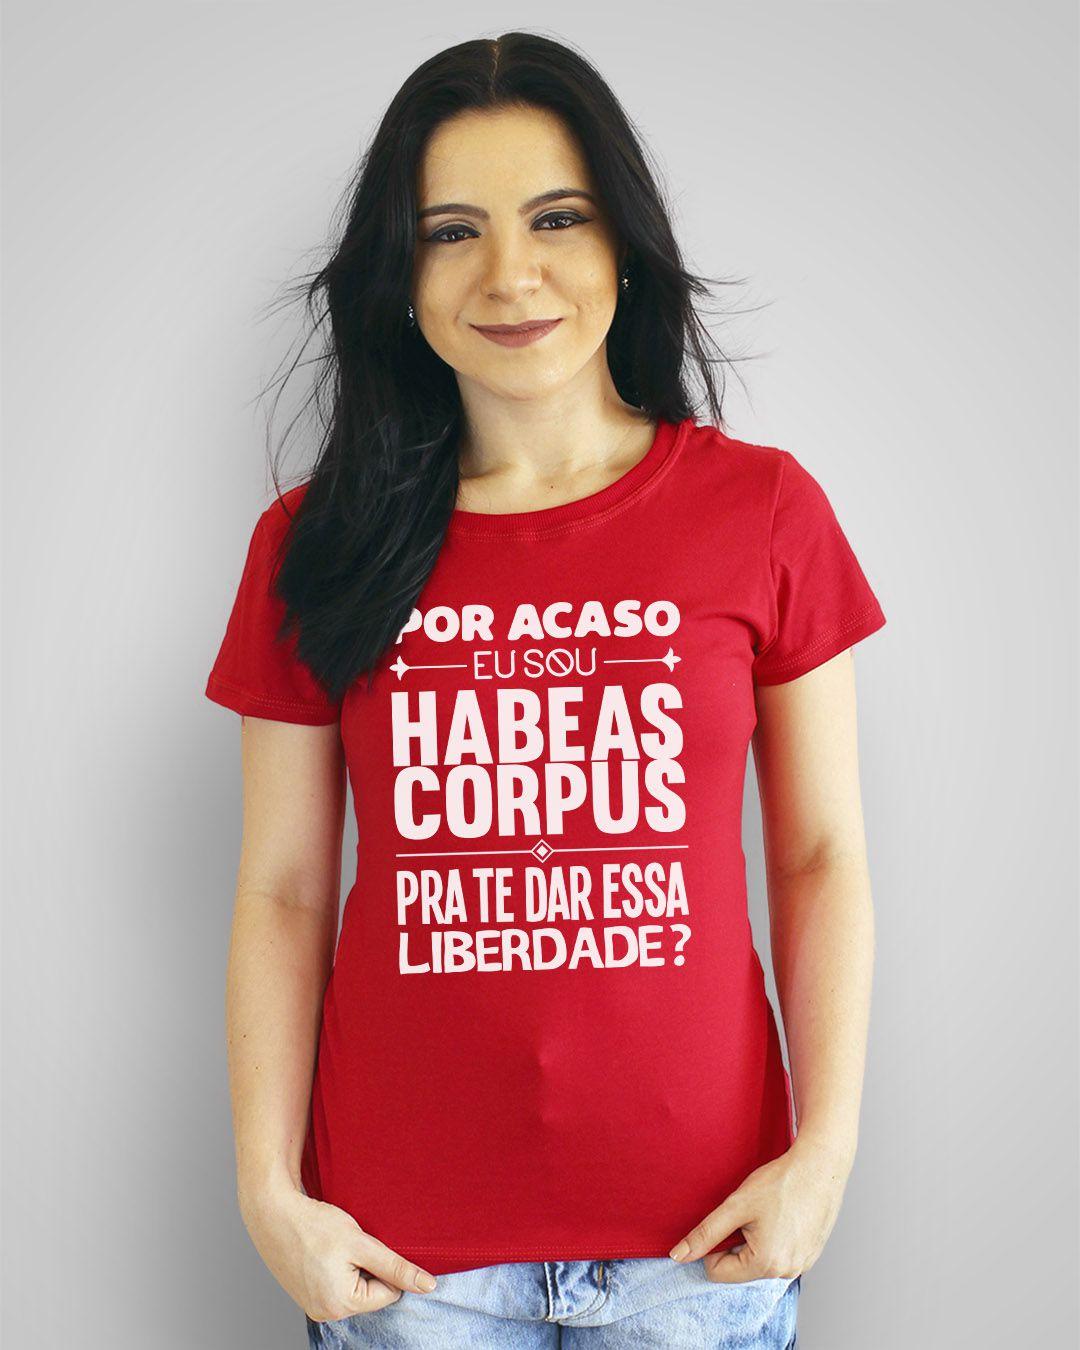 Camiseta Por acaso eu sou habeas corpus, pra te dar essa liberdade?